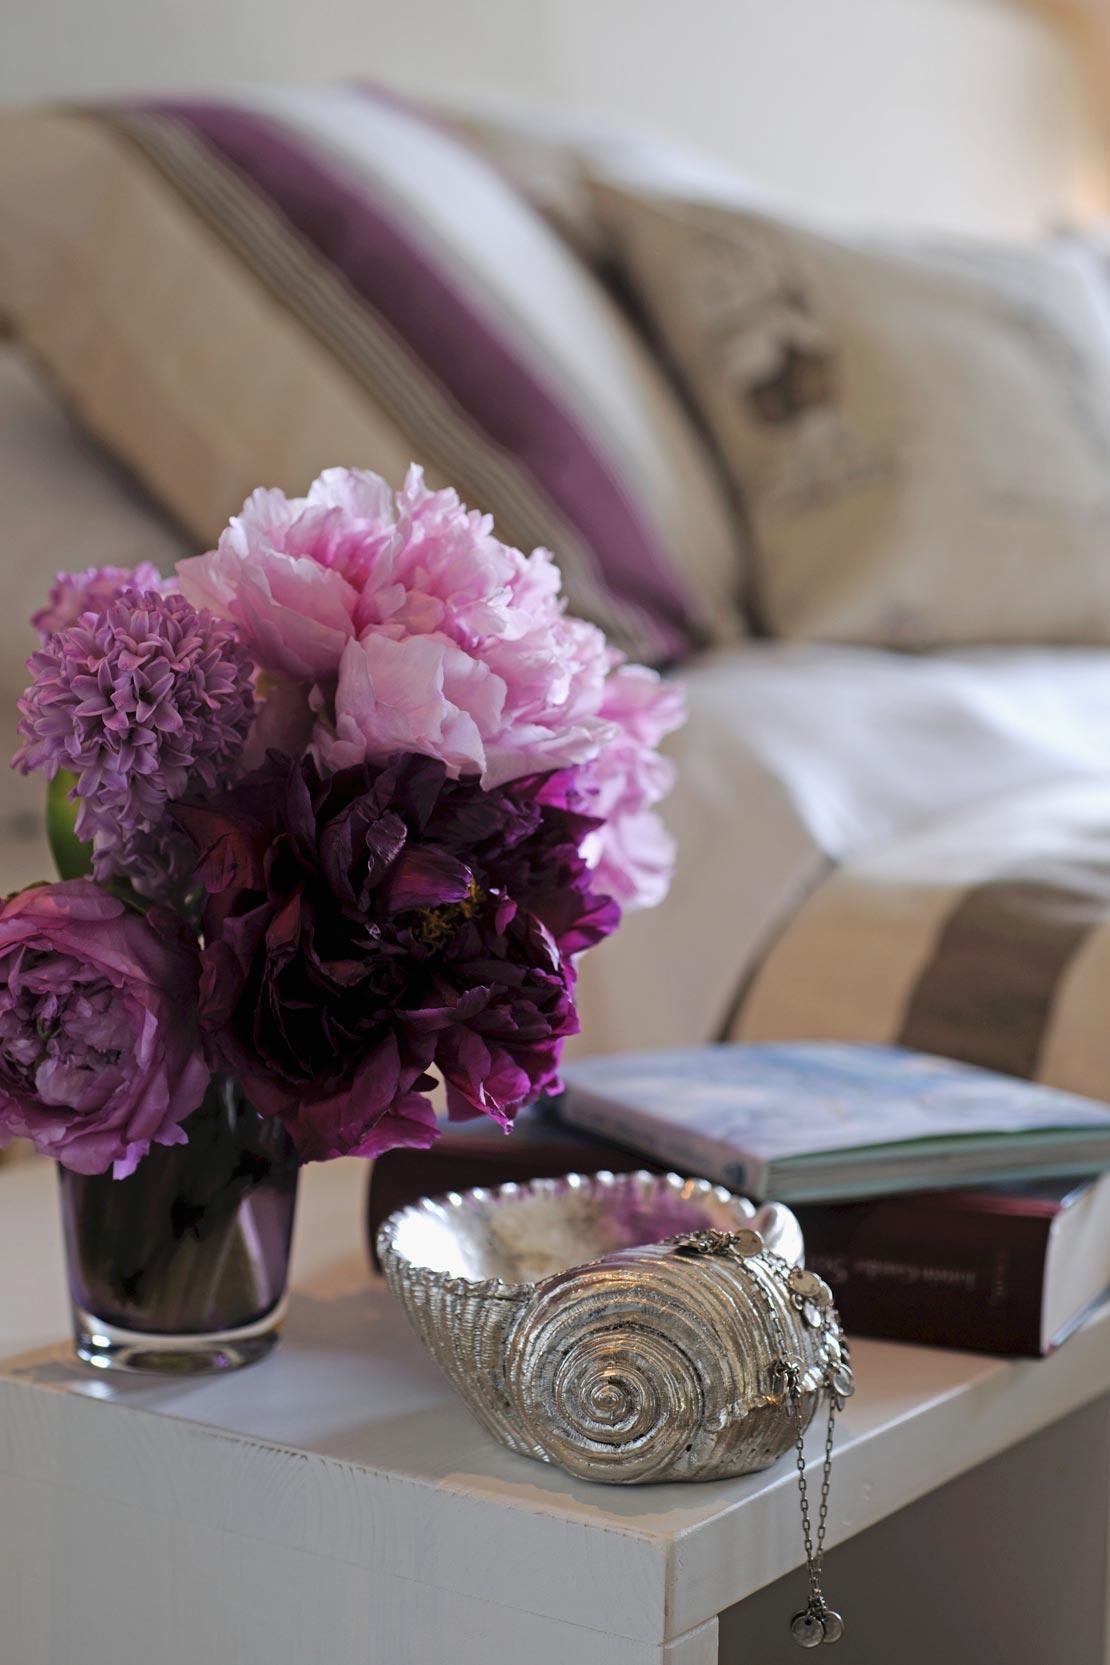 westwing-schlafzimmer-nachttisch-mit-blumen-und-dekomuschel